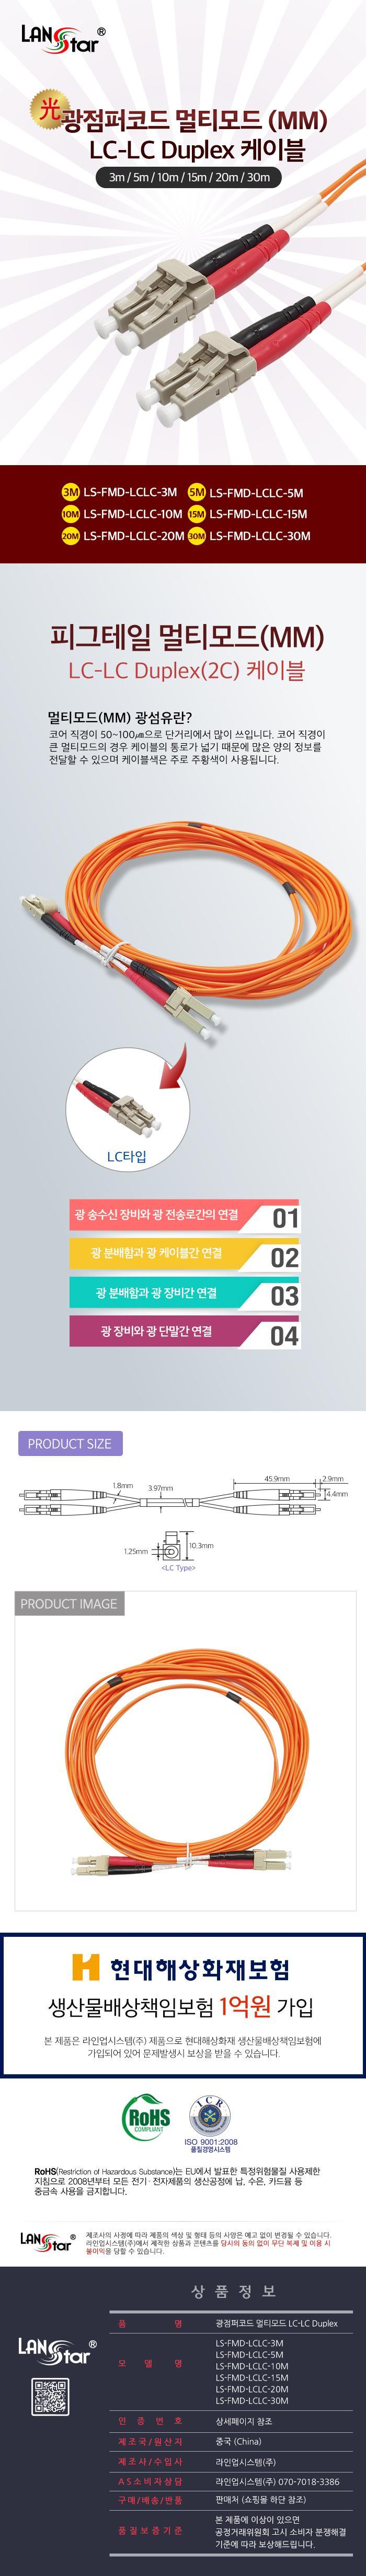 라인업시스템 LANSTAR LS-FMD-LCLC 광점퍼코드 멀티모드 LC-LC Duplex 케이블 (15m)